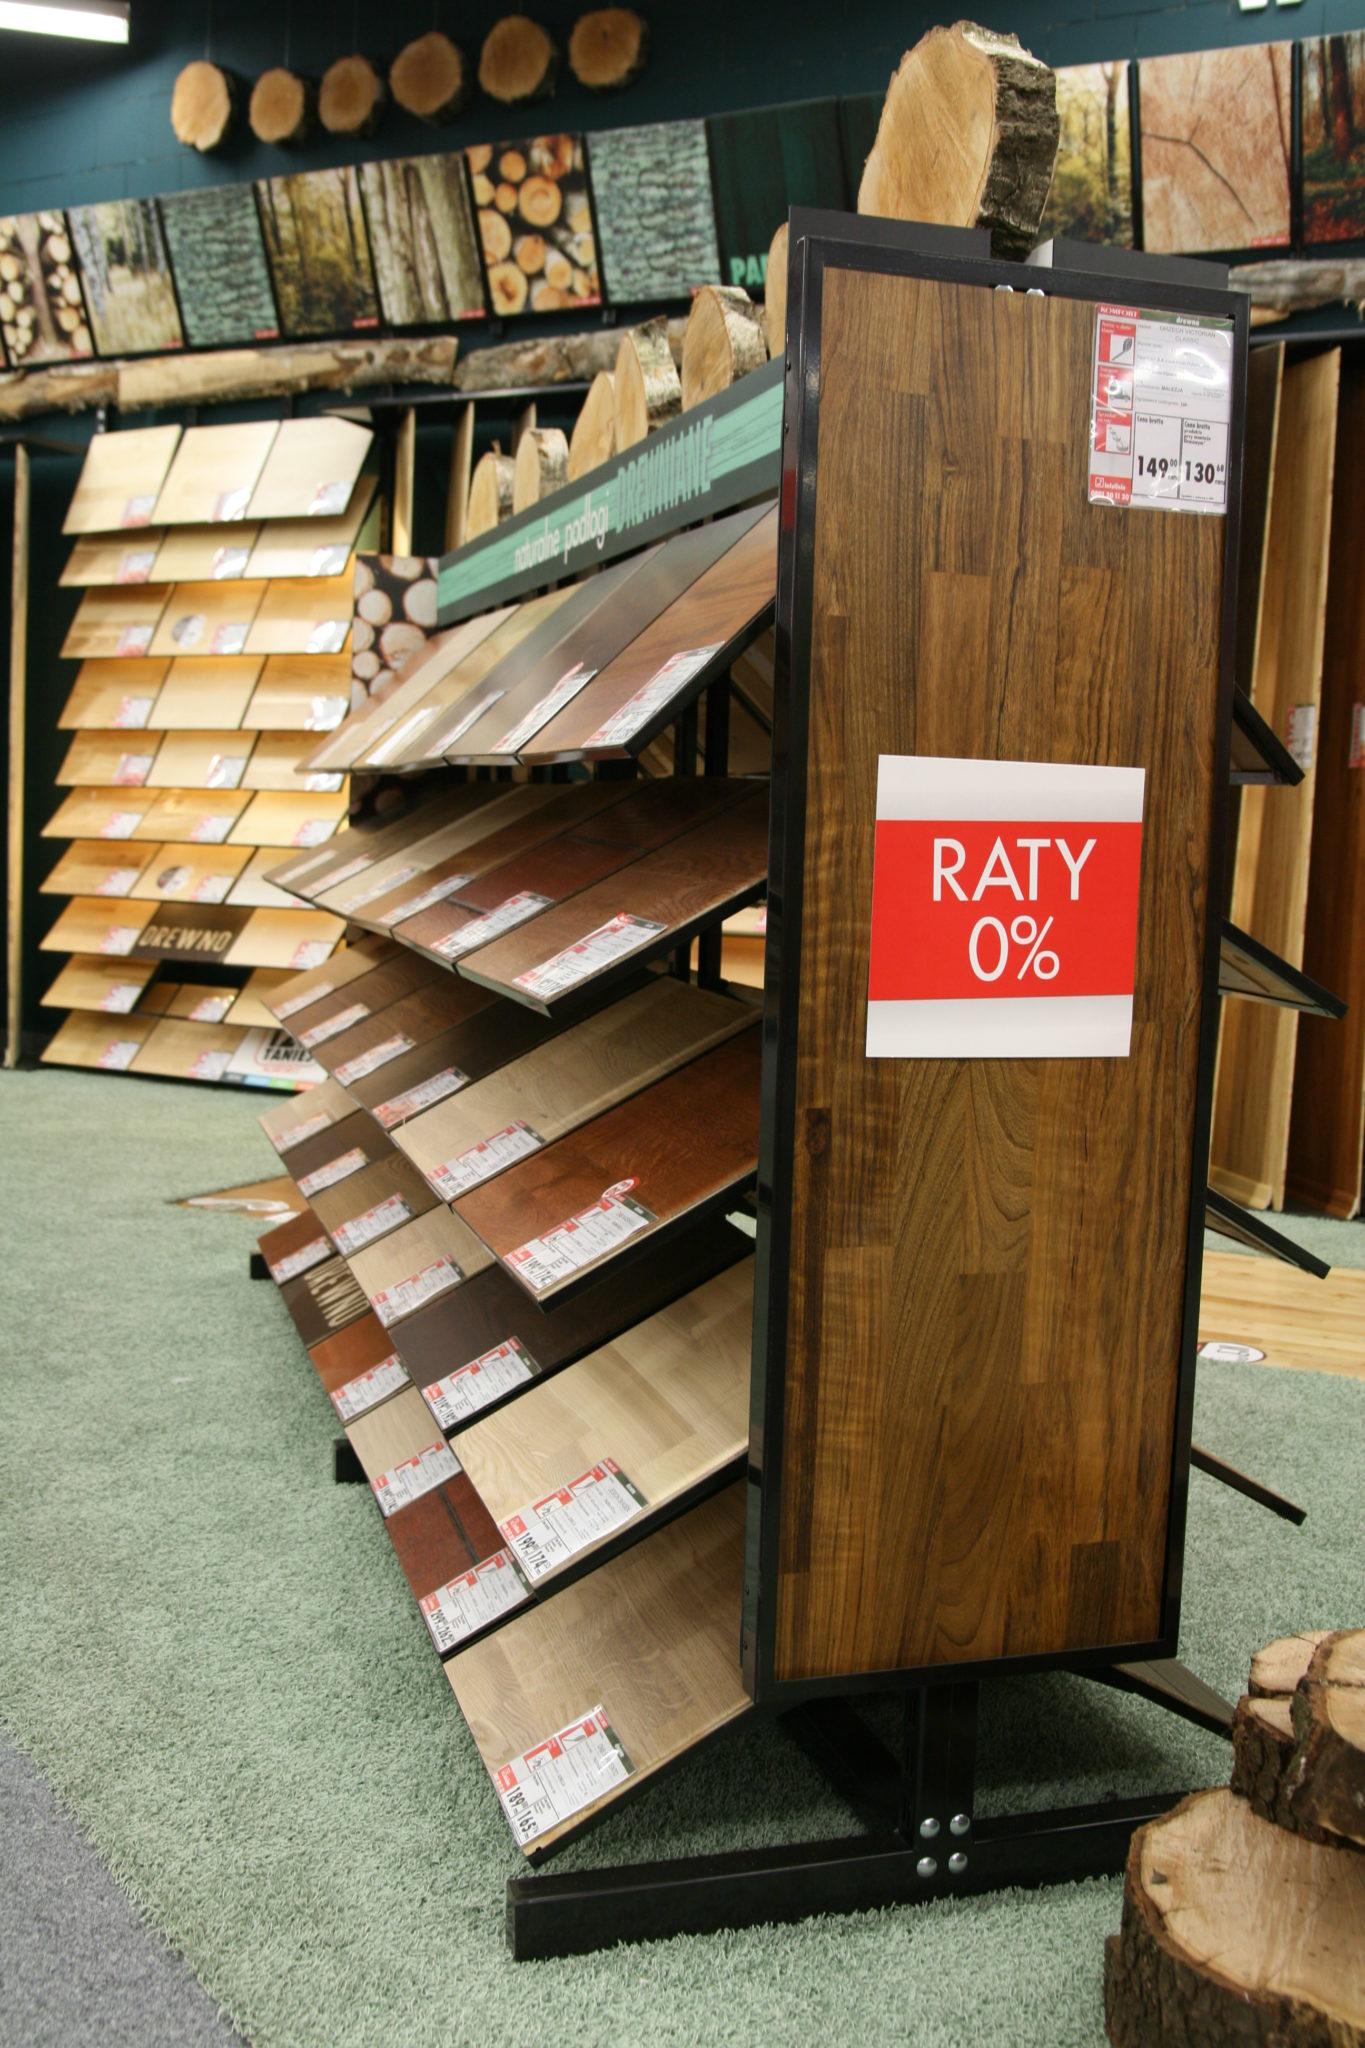 ekspozytory na podłogi, ekspozycja podłóg, ekspozytory na panele podłogowe, regały na podłogi, regały na panele podłogowe, regały na płytki podłogowe